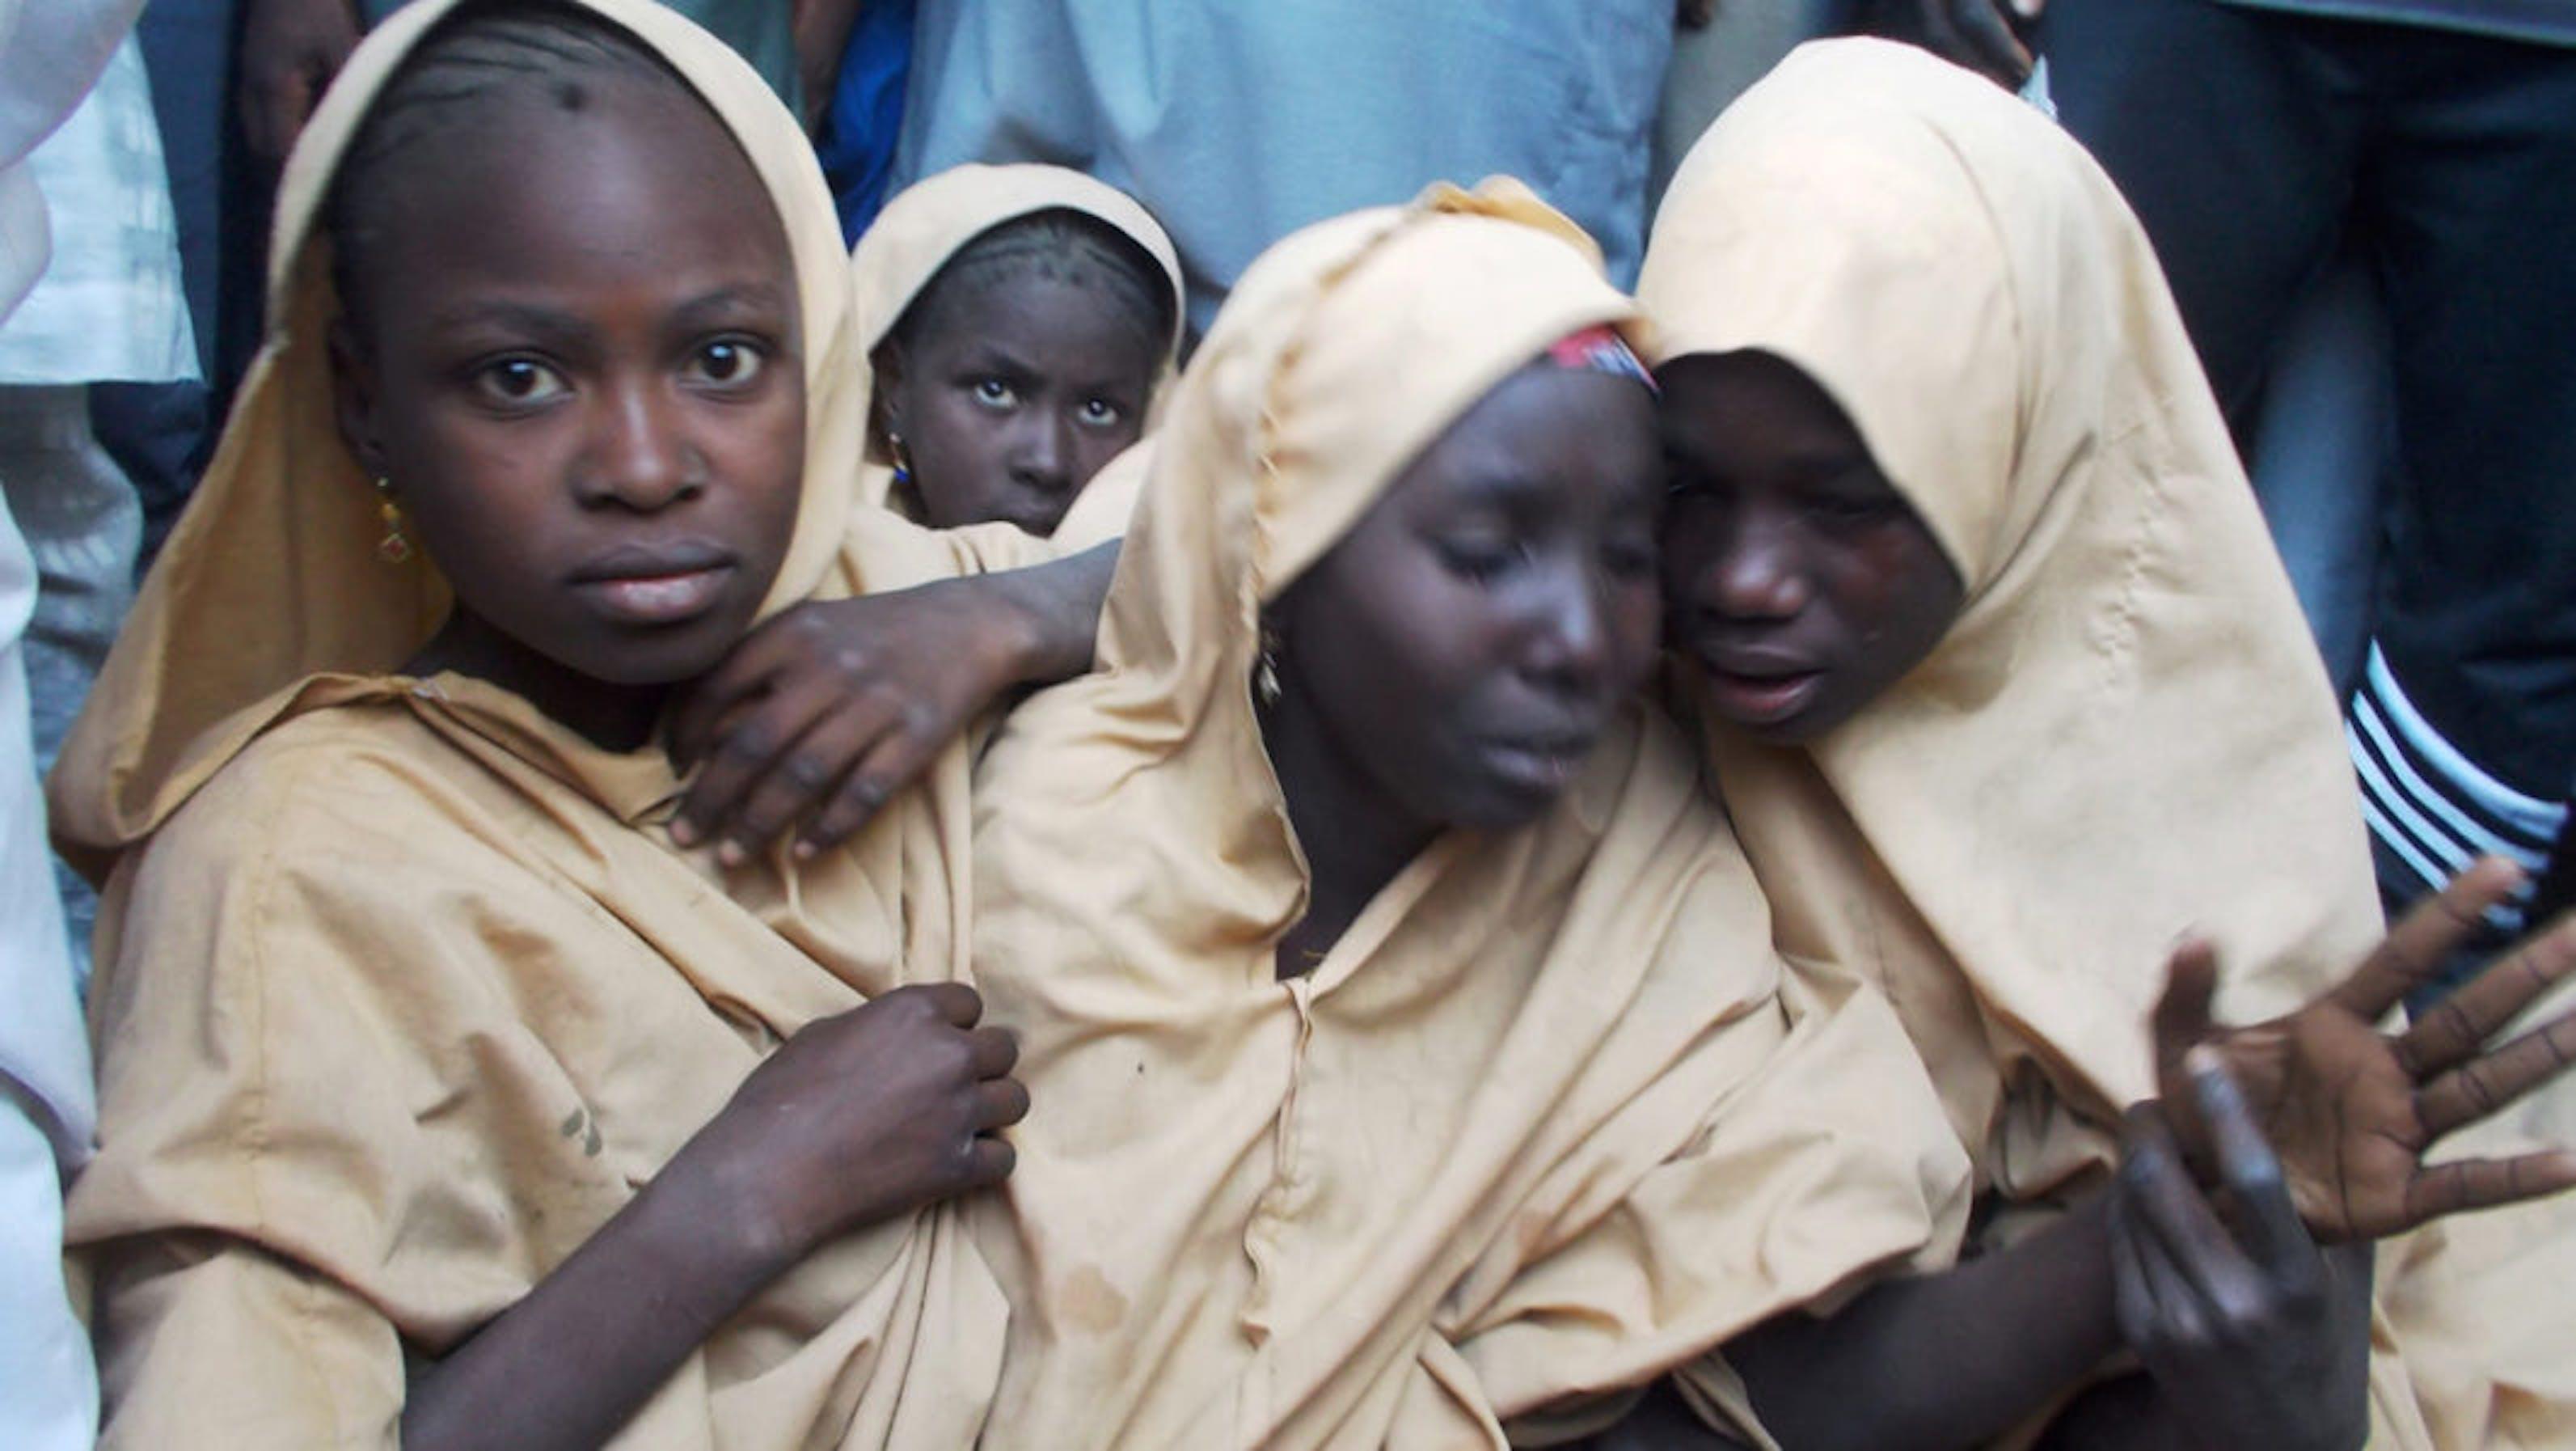 Alcune delle ragazze rapite nella scuola di Dapchi dopo la loro liberazione - ©Reuters/Ola Laure